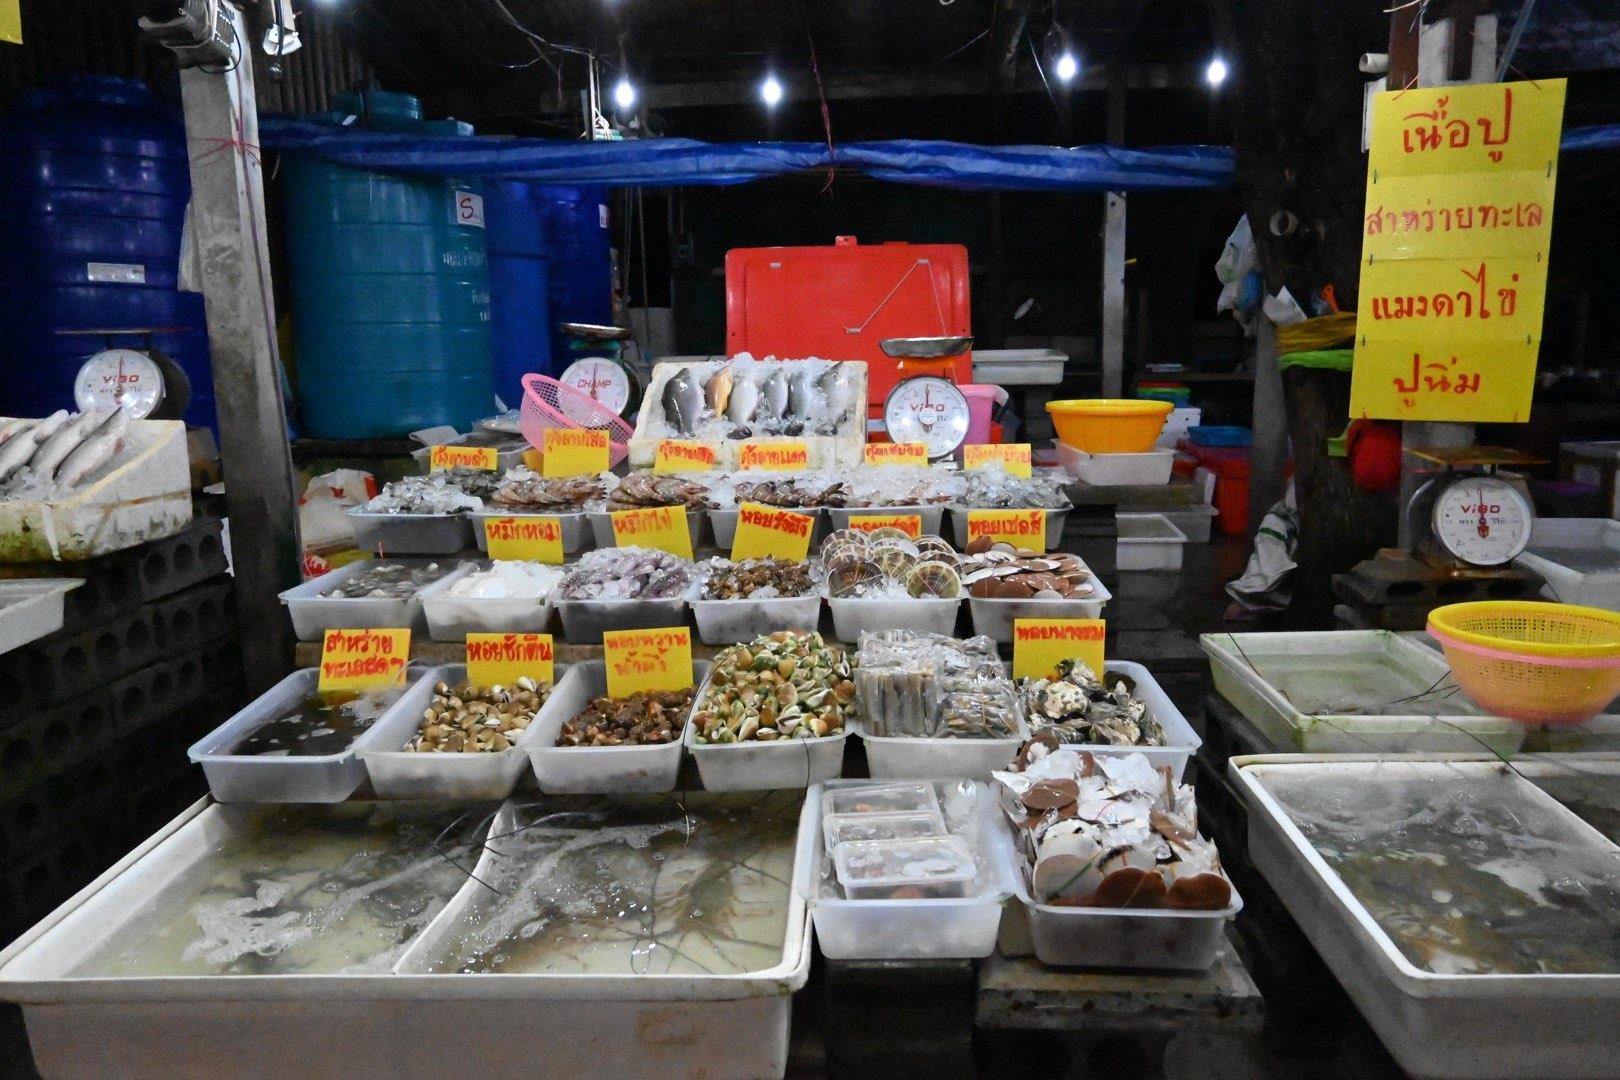 มาภูเก็ตจะไม่กินอาหารทะเลได้ไง หาดราไวย์ร้านเด็ด